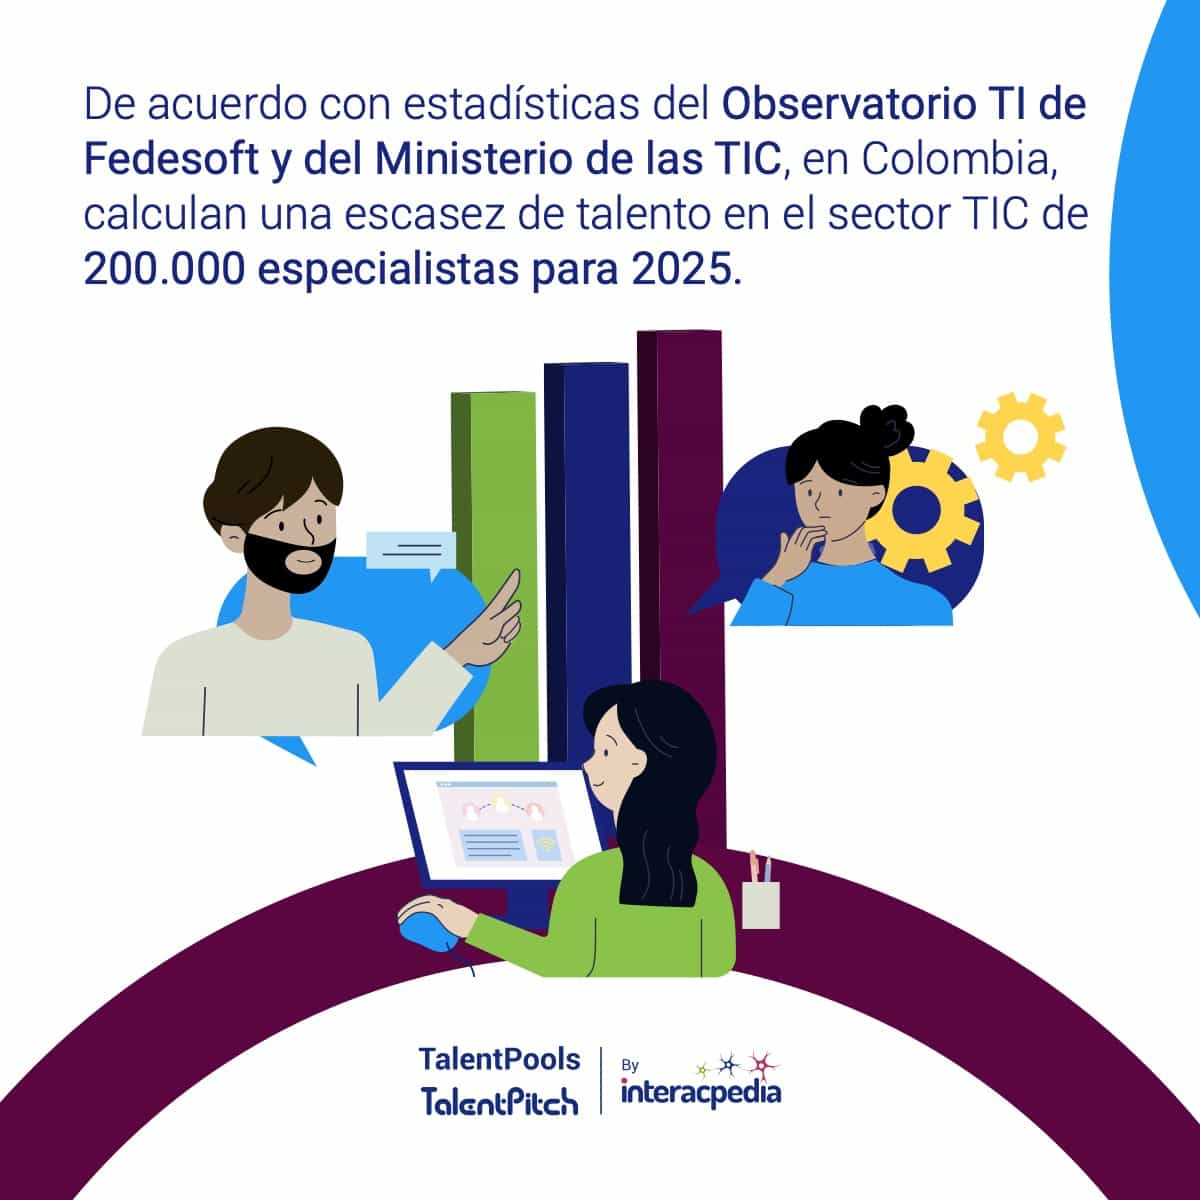 [Infografía] El COVID-19 agudizó la demanda de talento TI en Colombia 4